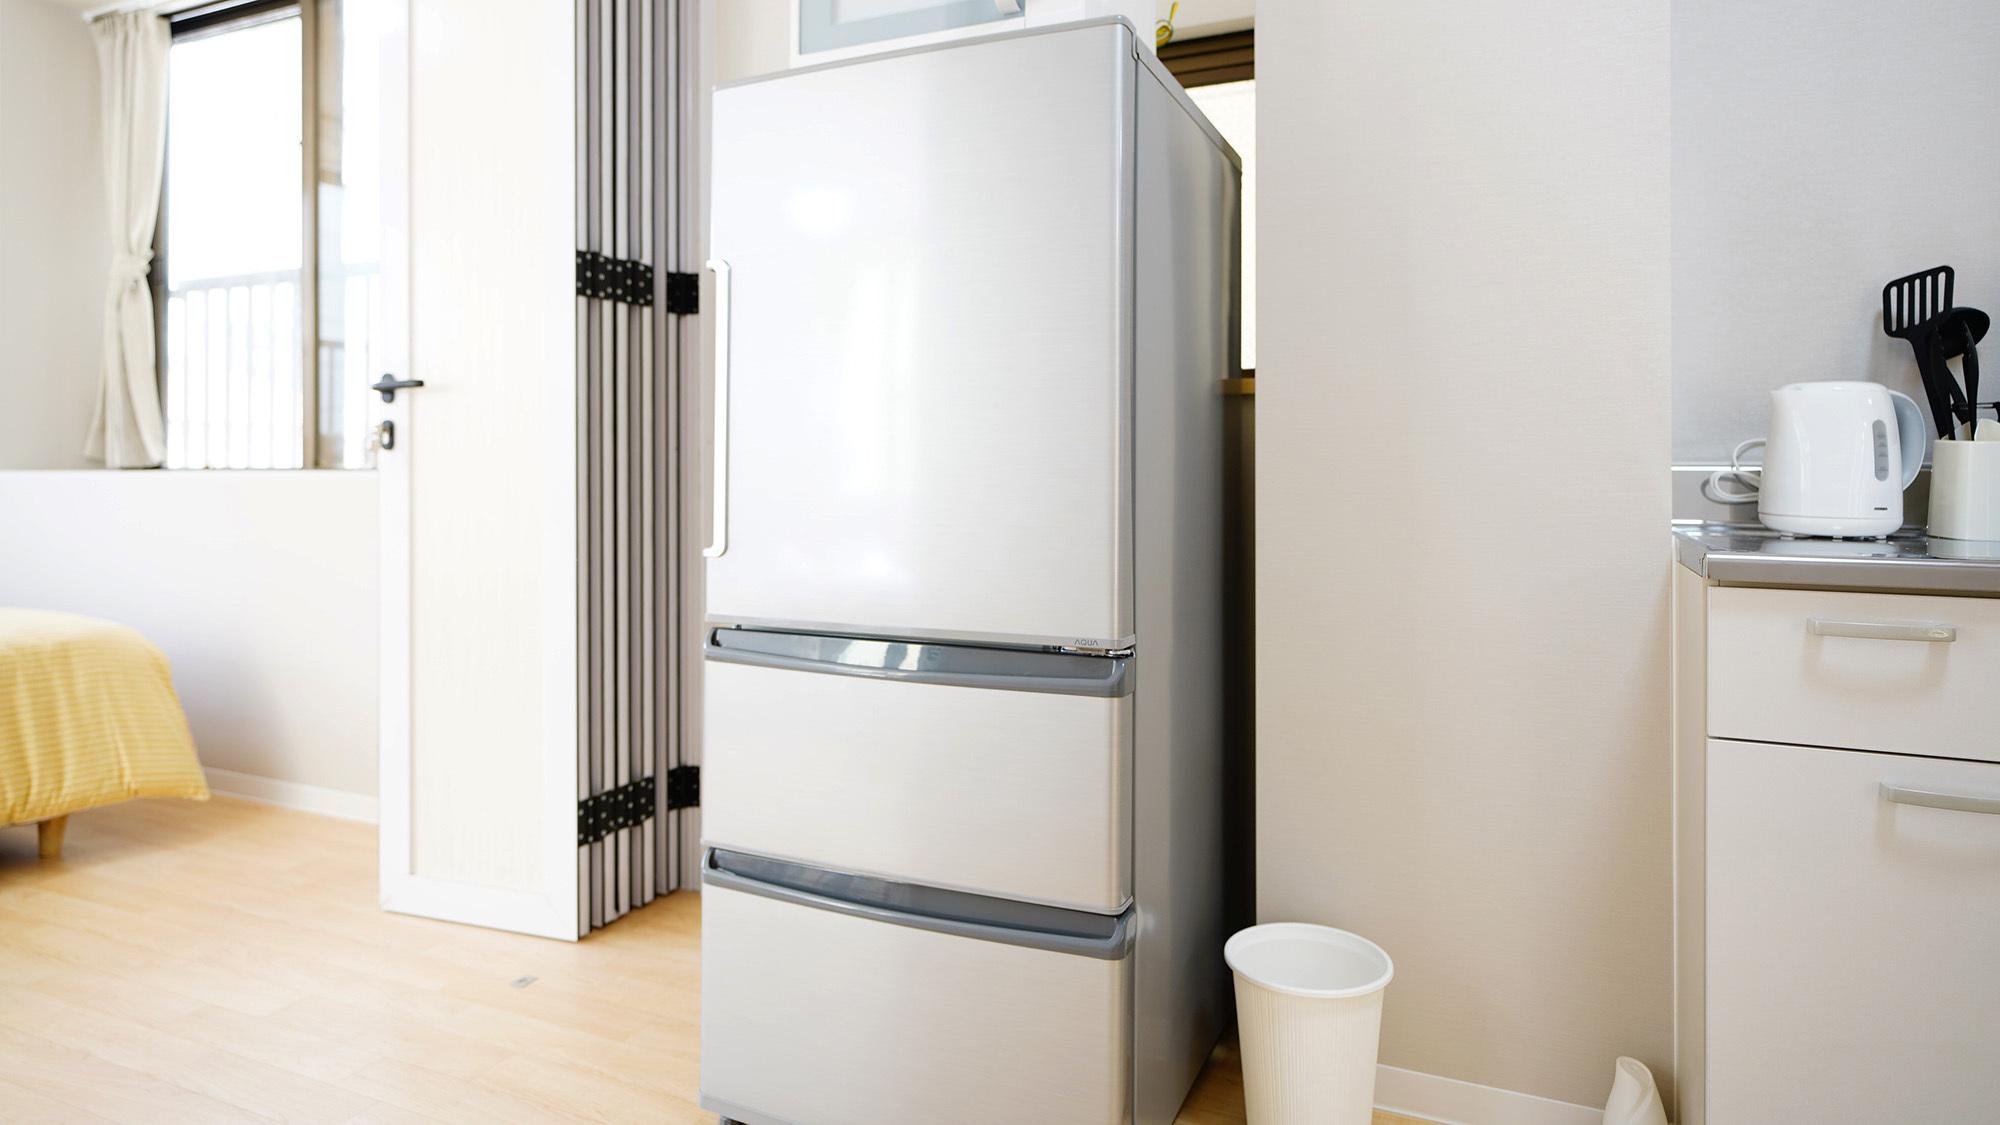 ・201大きな冷蔵庫も完備